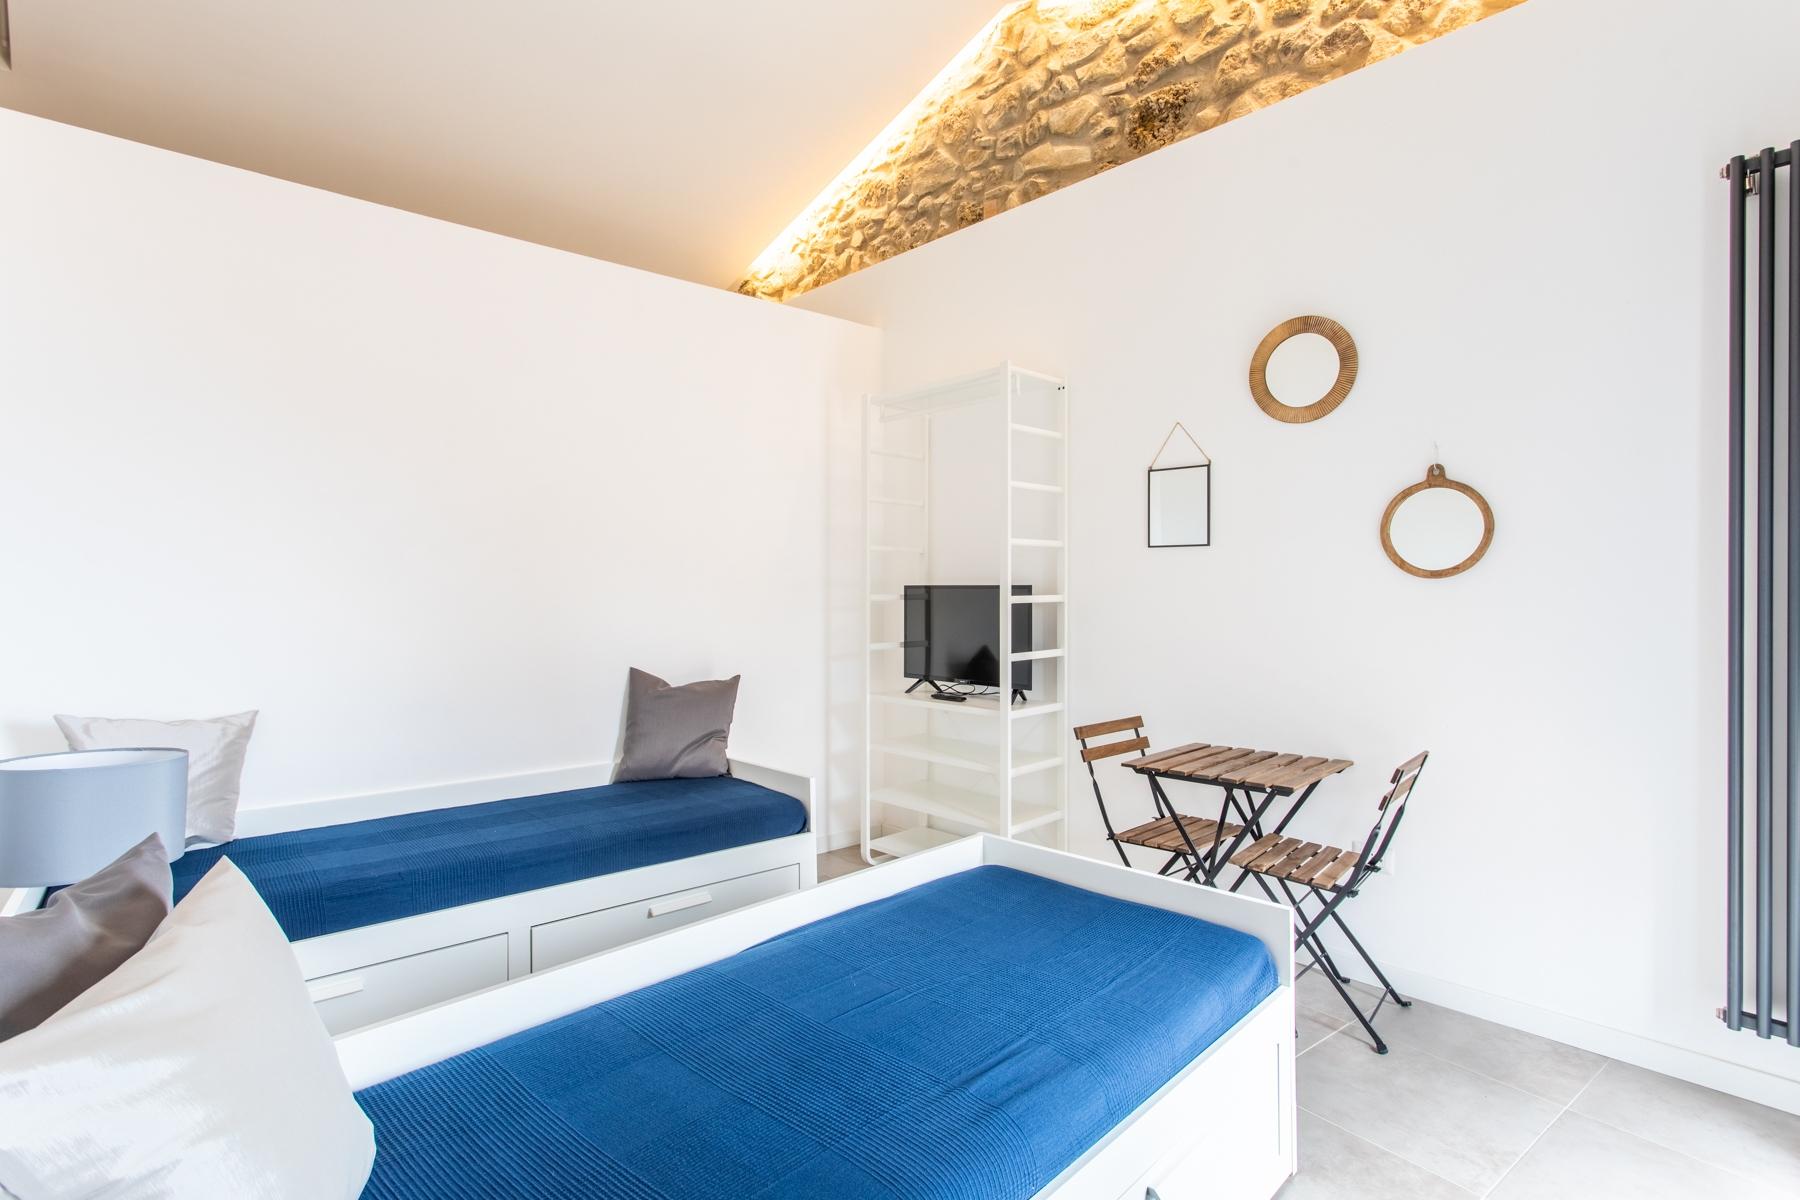 Casa indipendente in Vendita a Trevignano Romano: 5 locali, 163 mq - Foto 7